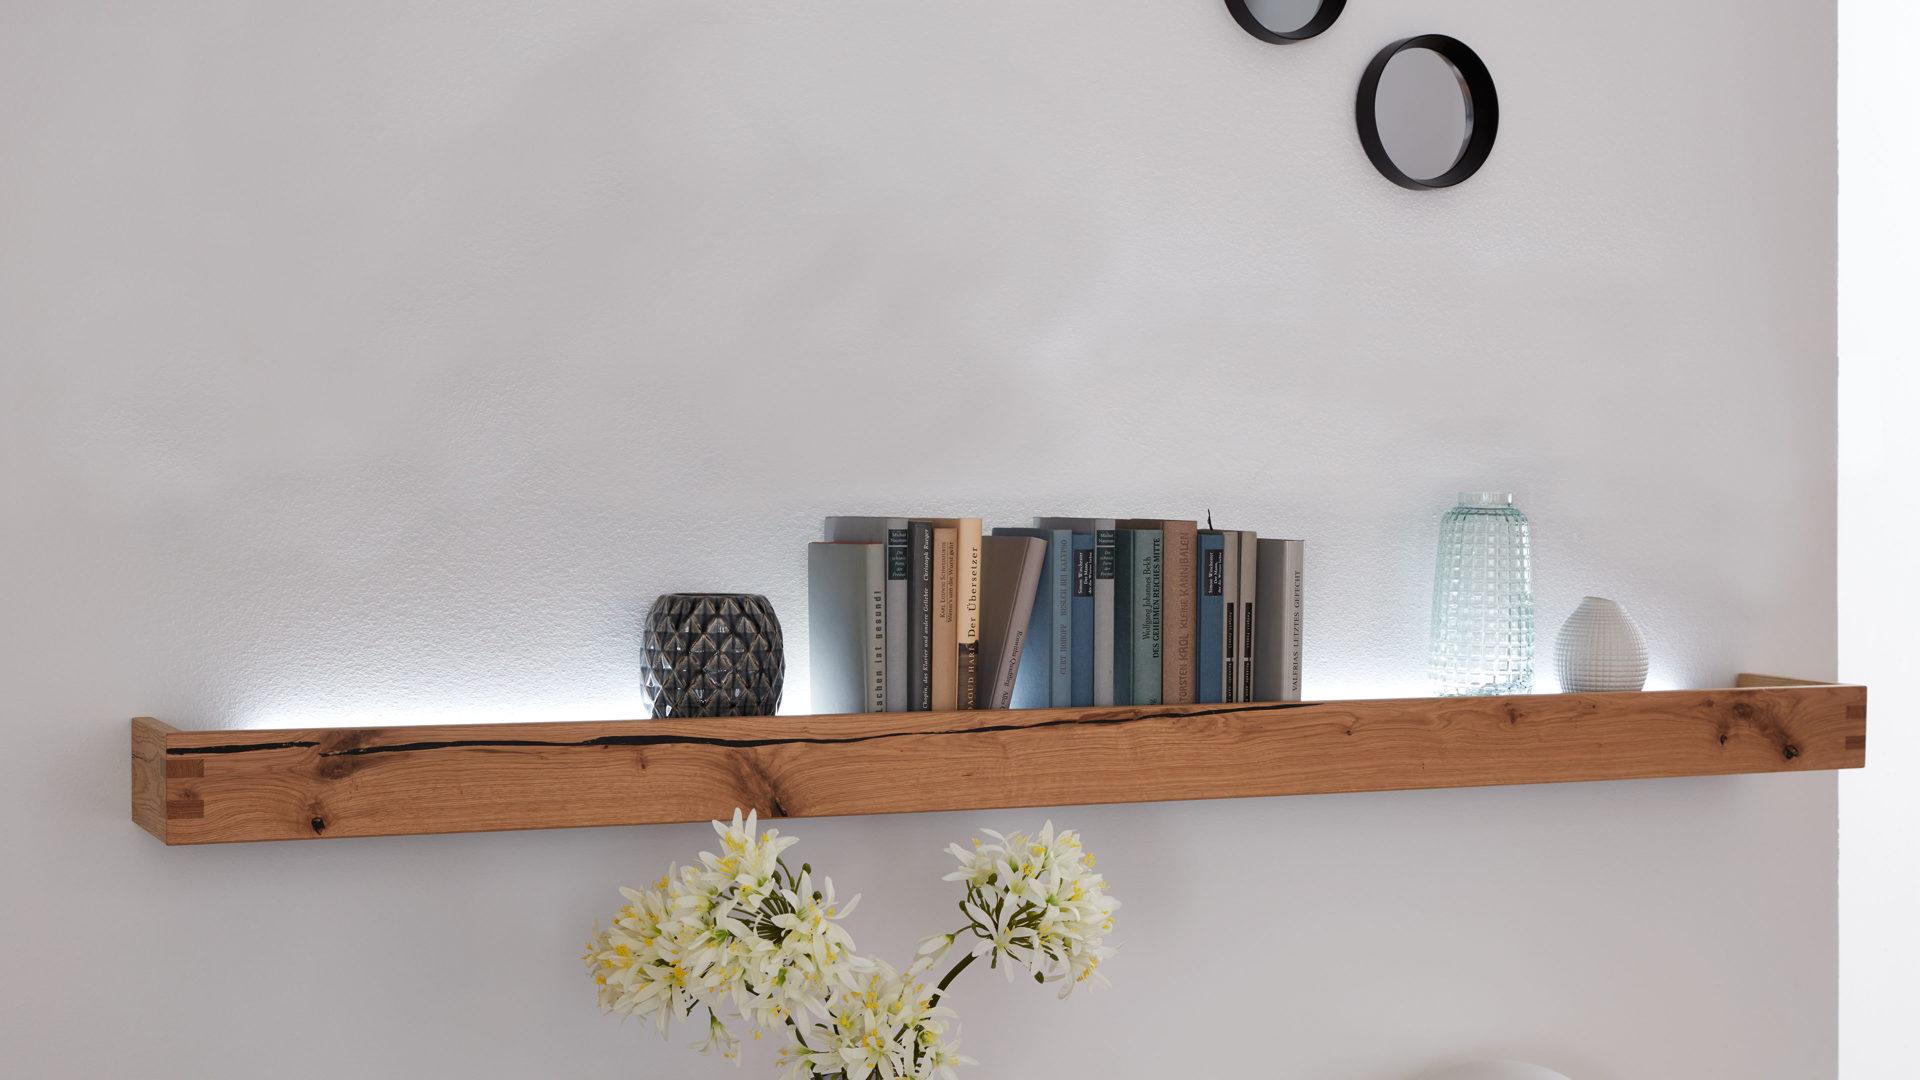 Interliving Wohnzimmer Serie 8 – Wandregal, Asteiche – Länge ca. 8 cm